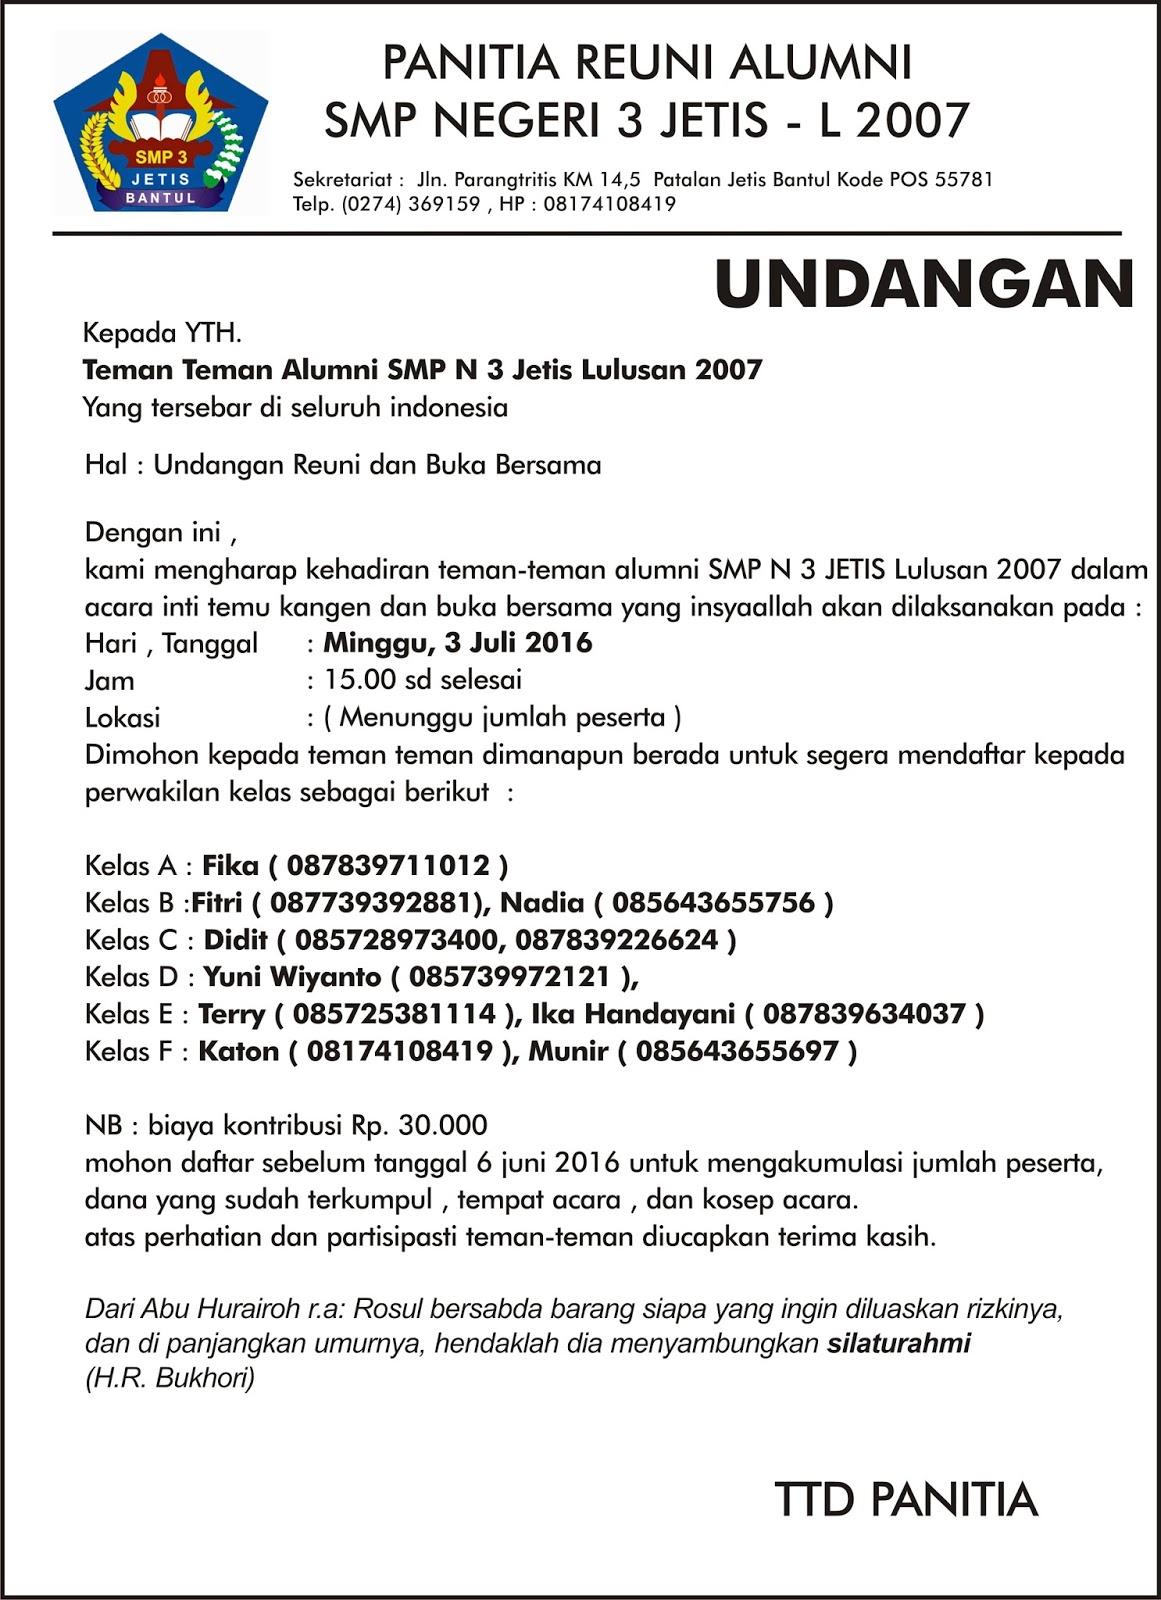 Selamat Datang Alumni Smp N 3 Jetis Bantul Yogyakarta Undangan